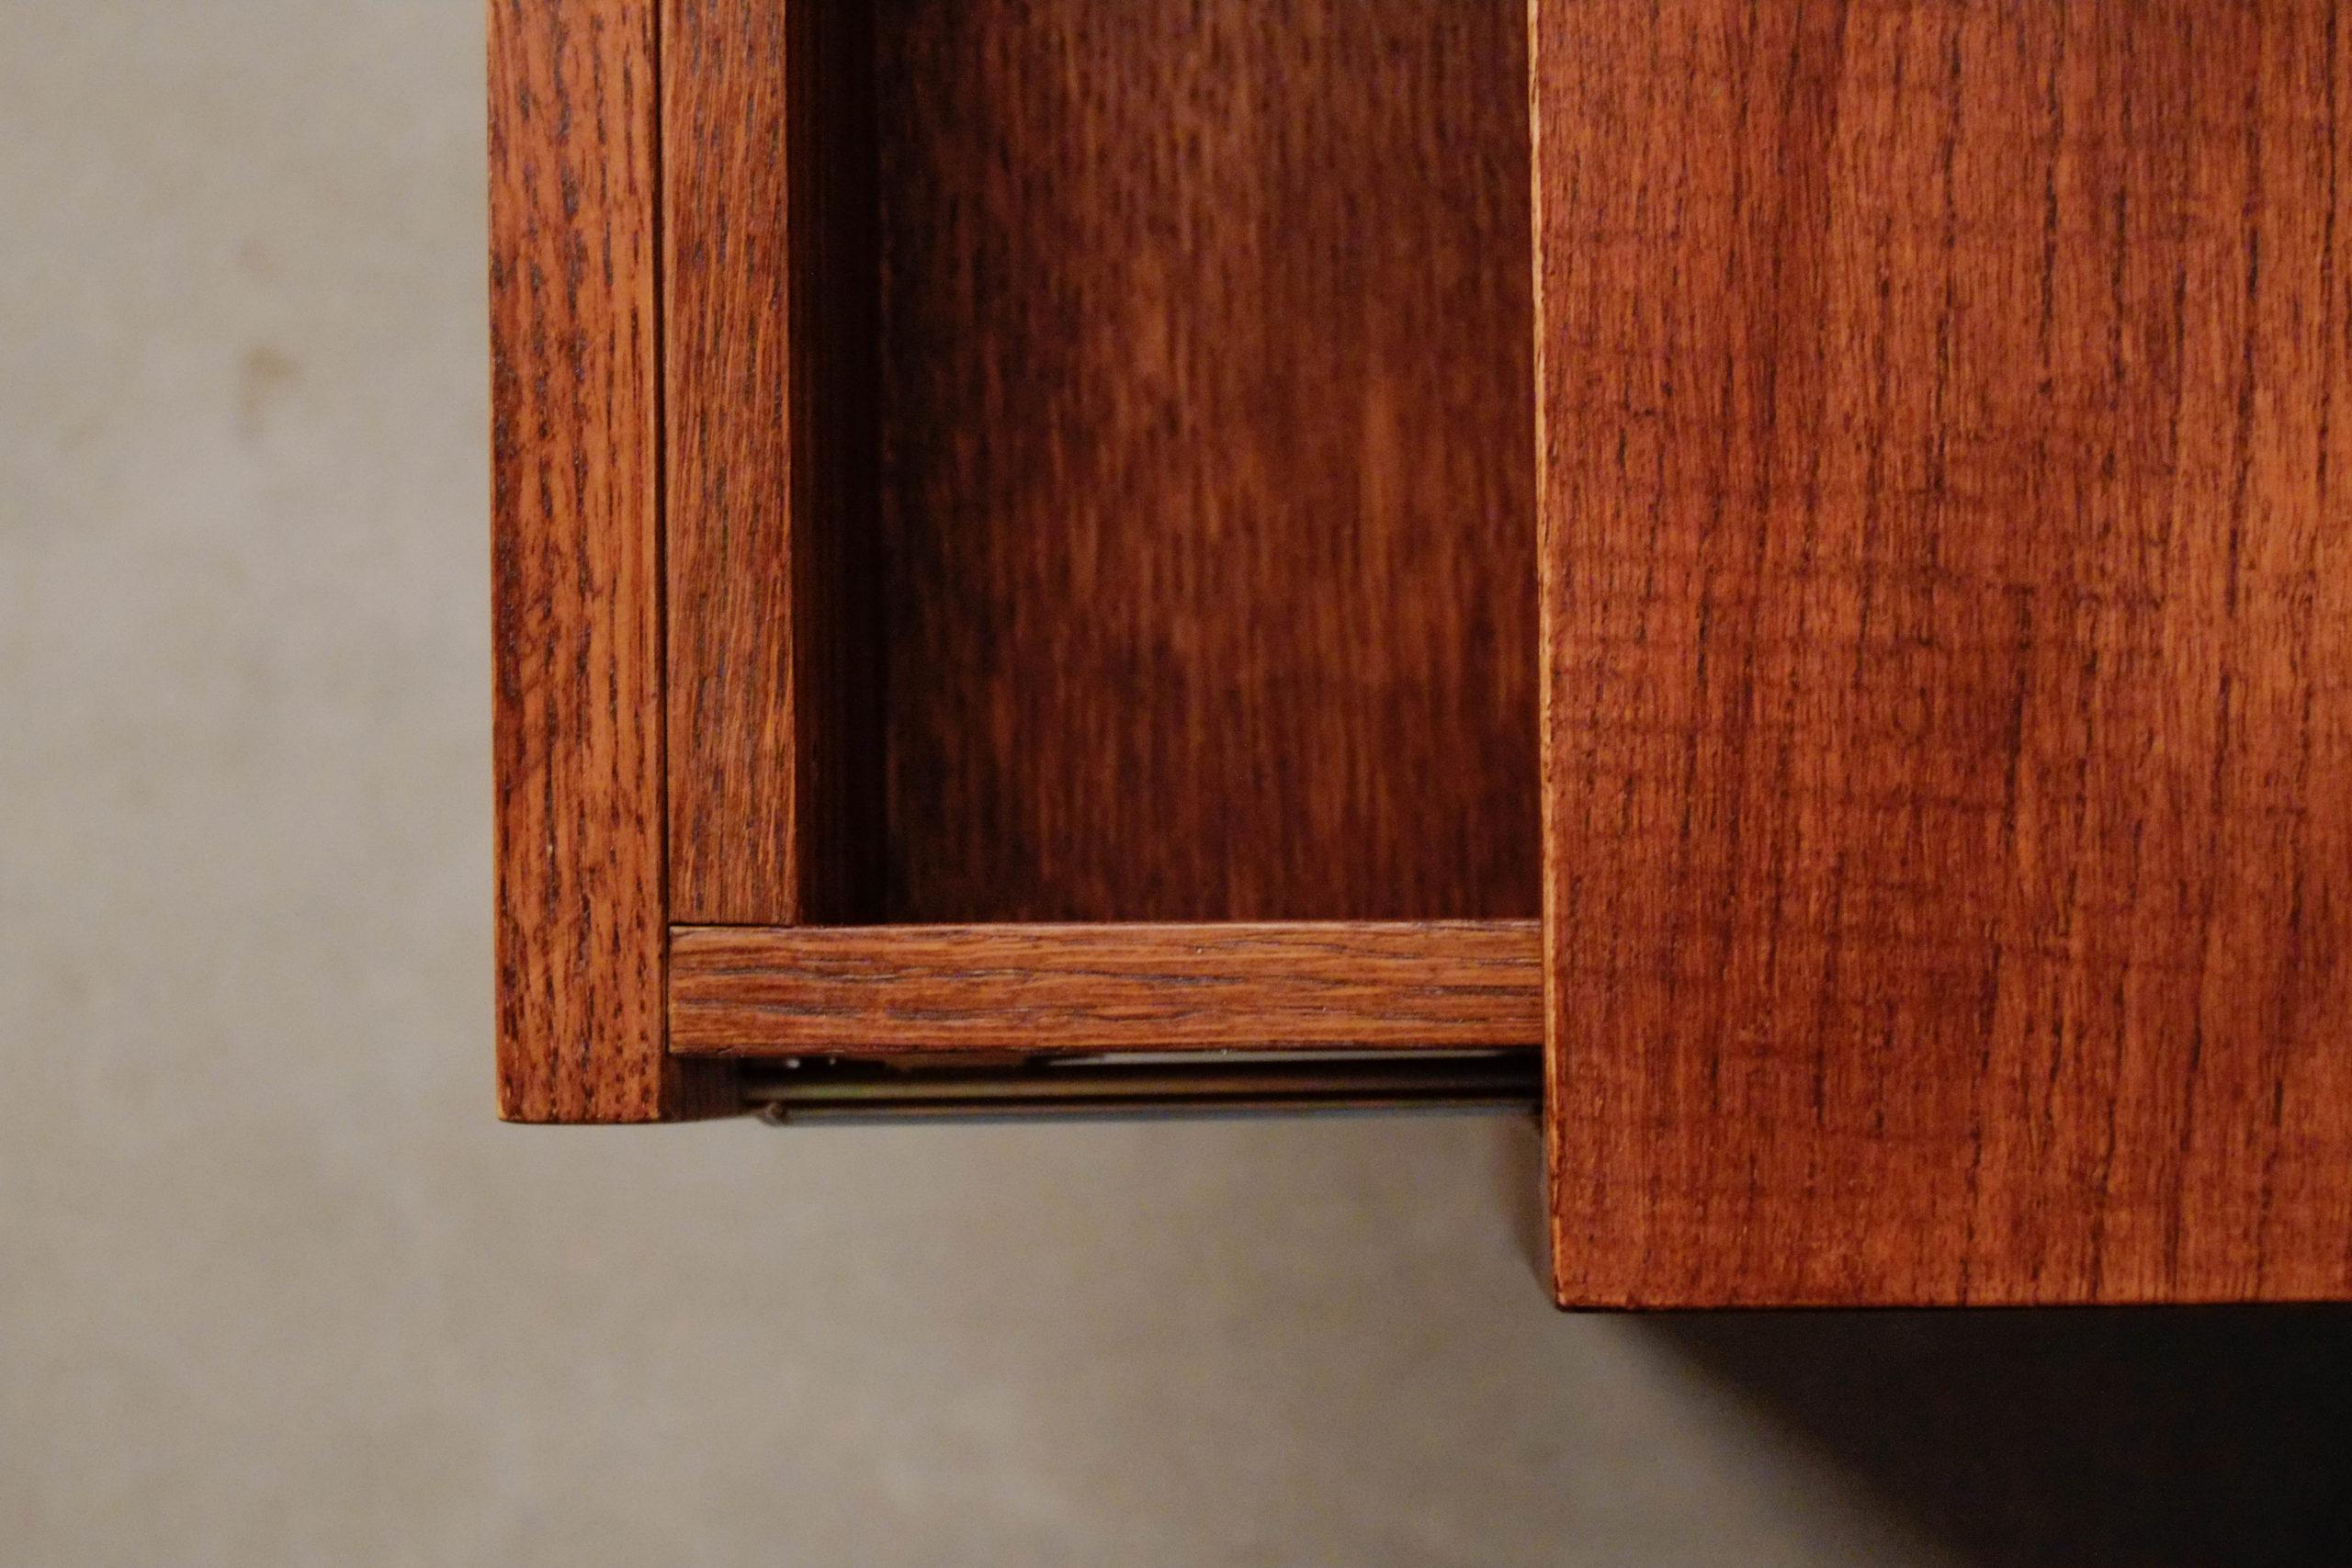 detalle de madera calidad mesa de noche cajon mueble a medida